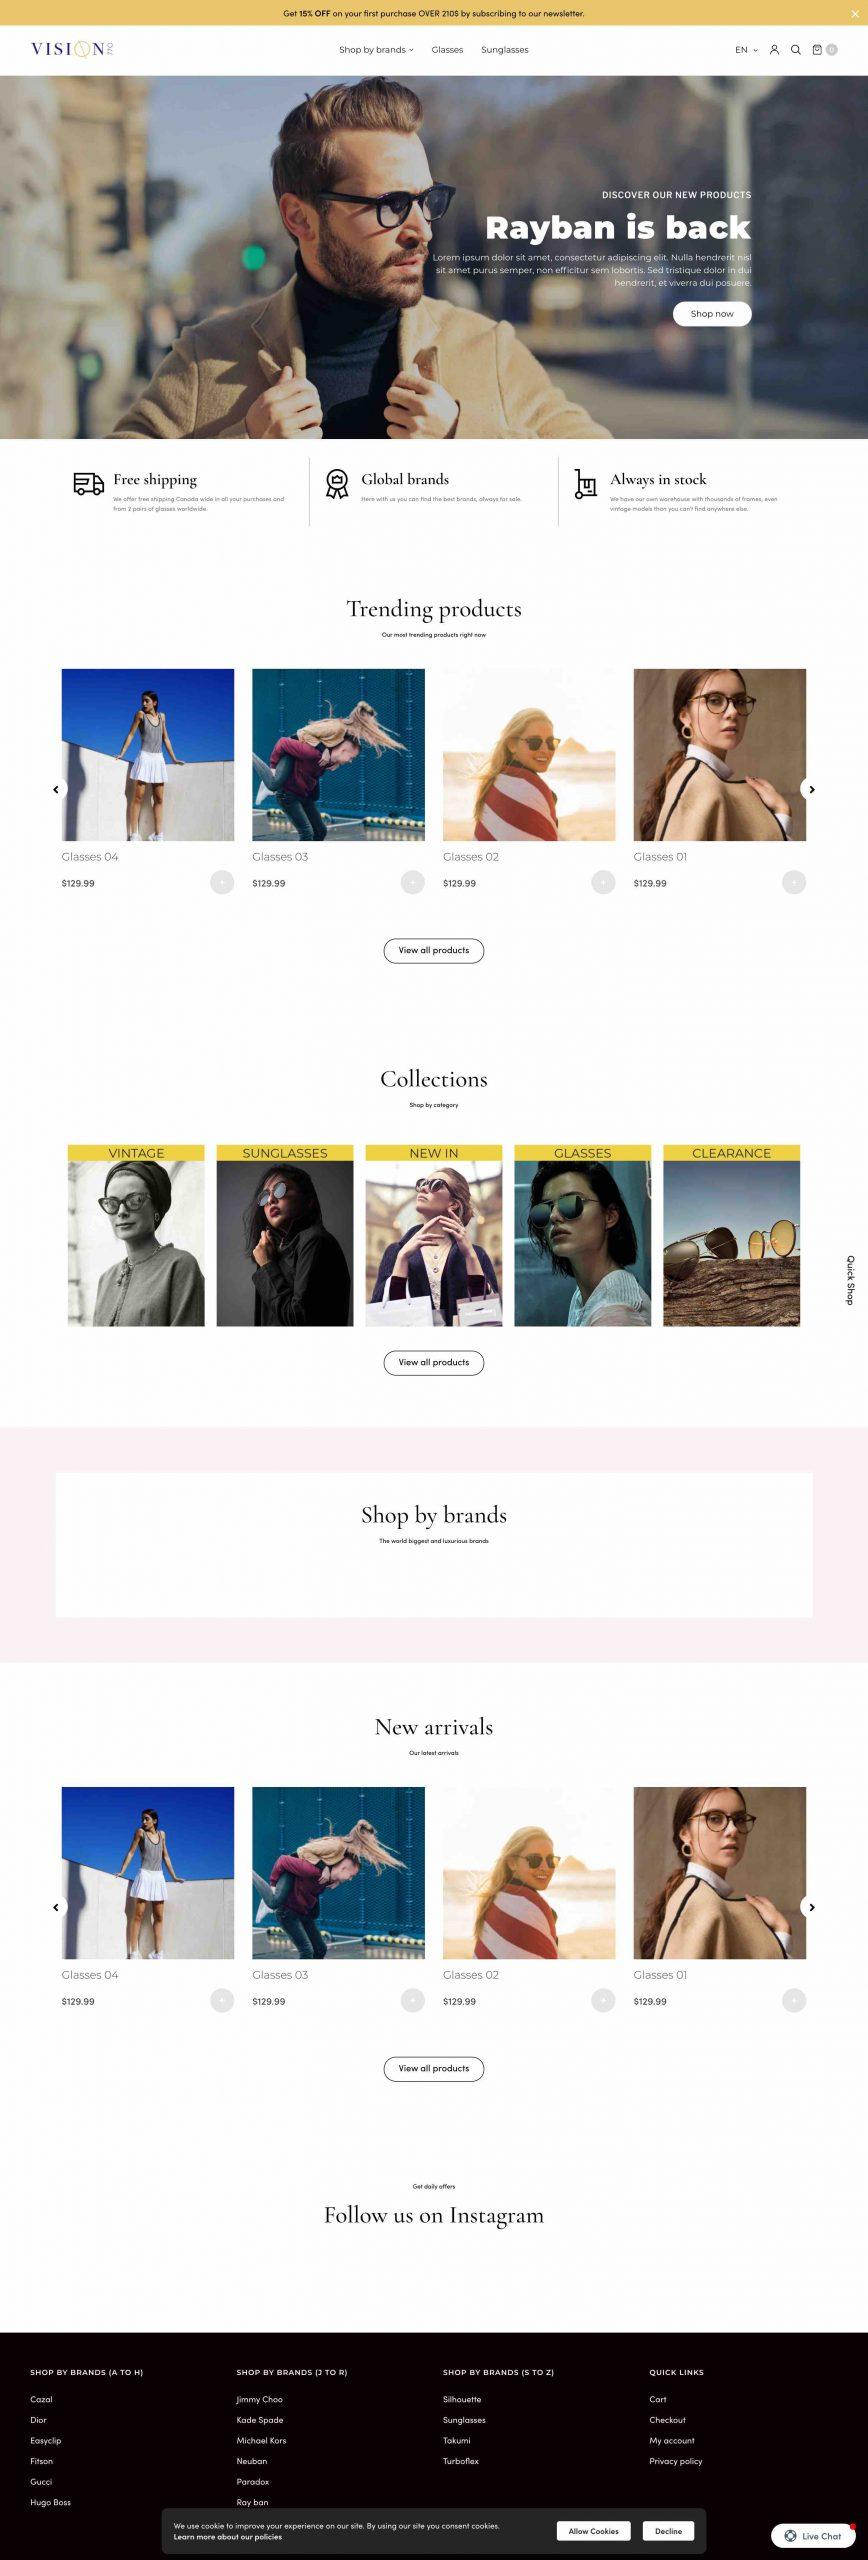 Vision 770 Website